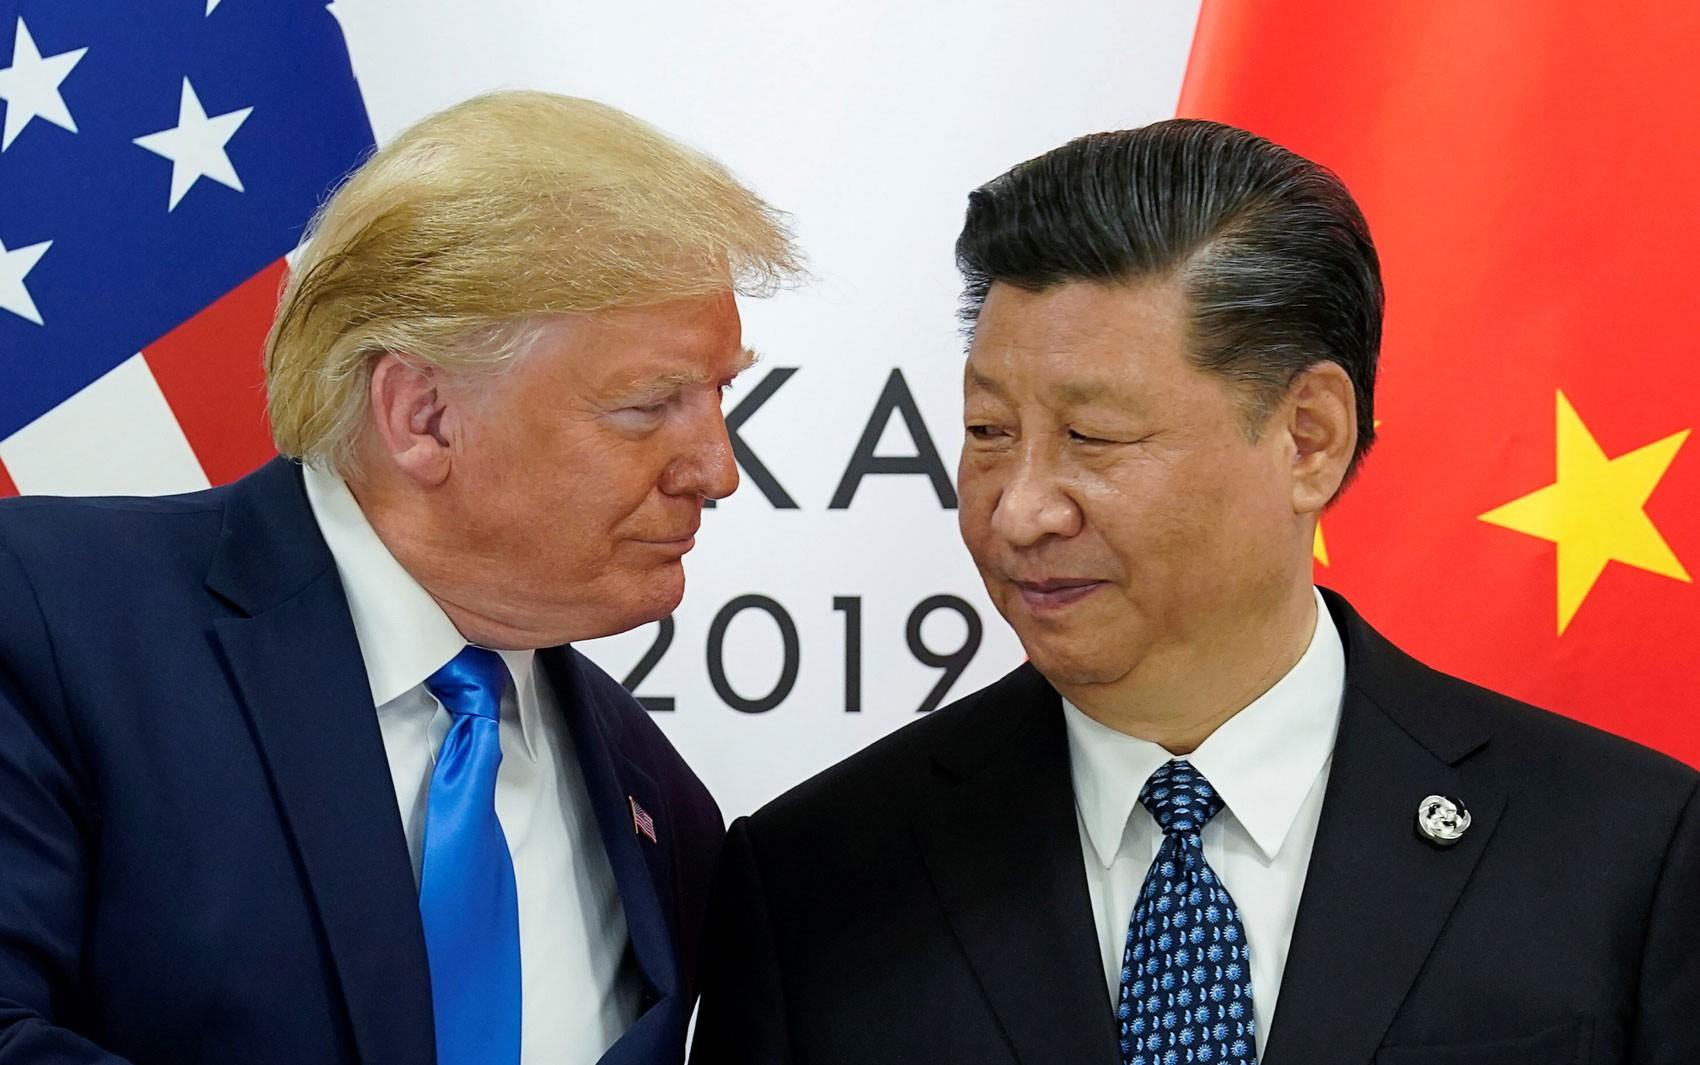 Autoridades dos EUA e da China vão conversar por telefone sobre comércio nesta semana, diz Mnuchin - Notícias - Plantão Diário